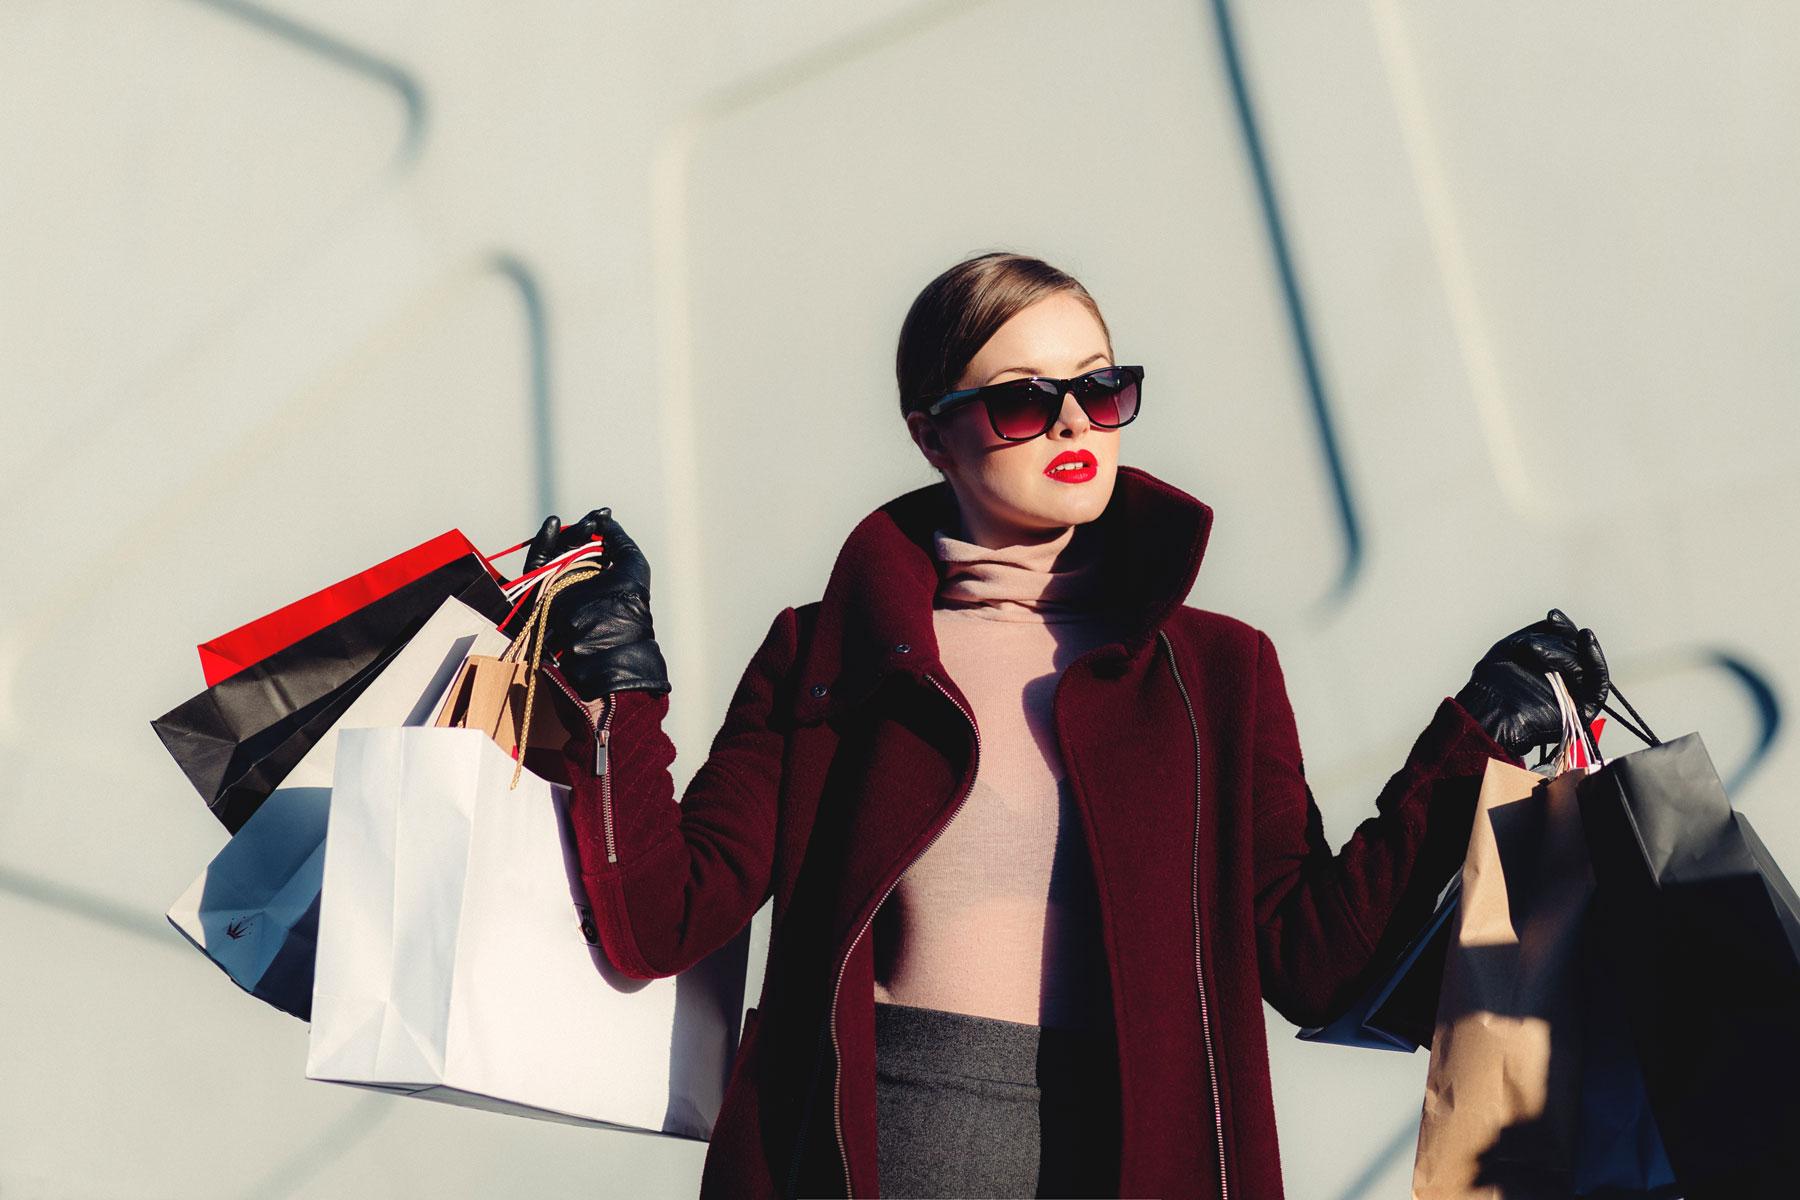 La reinvención de la moda debido al Covid-19